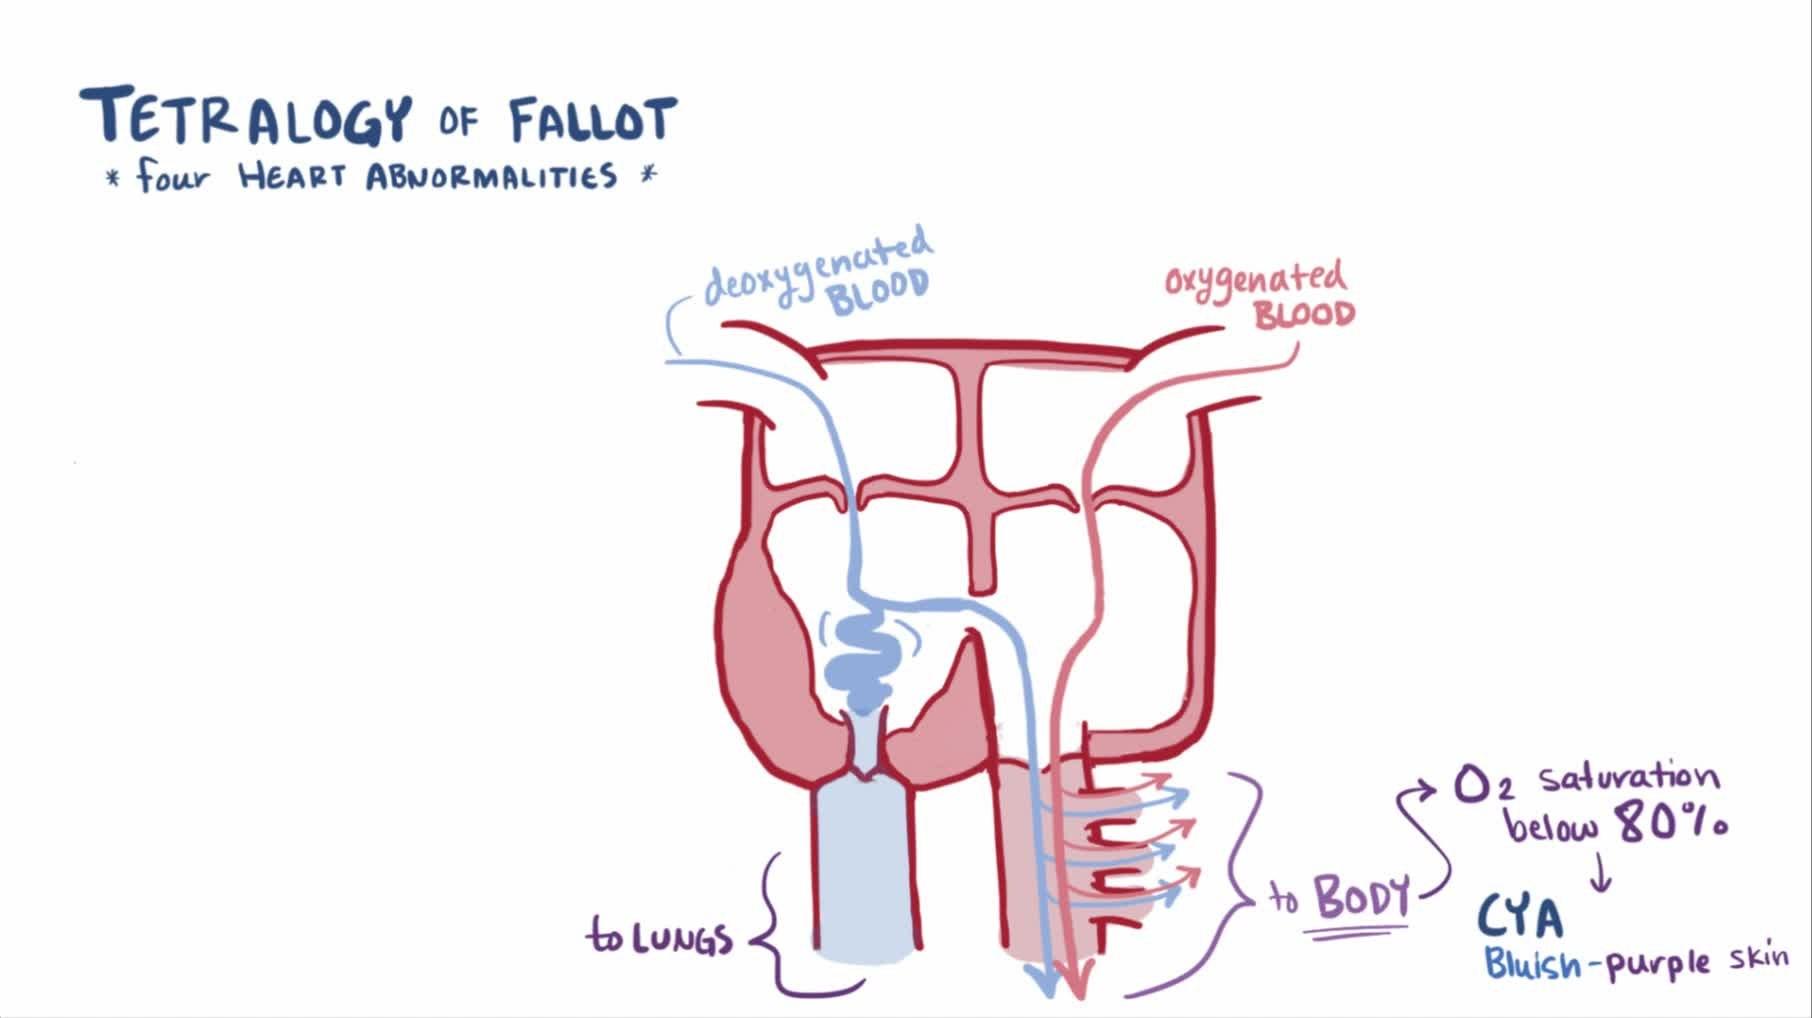 File:Tetralogy of fallot video.webm - Wikimedia Commons